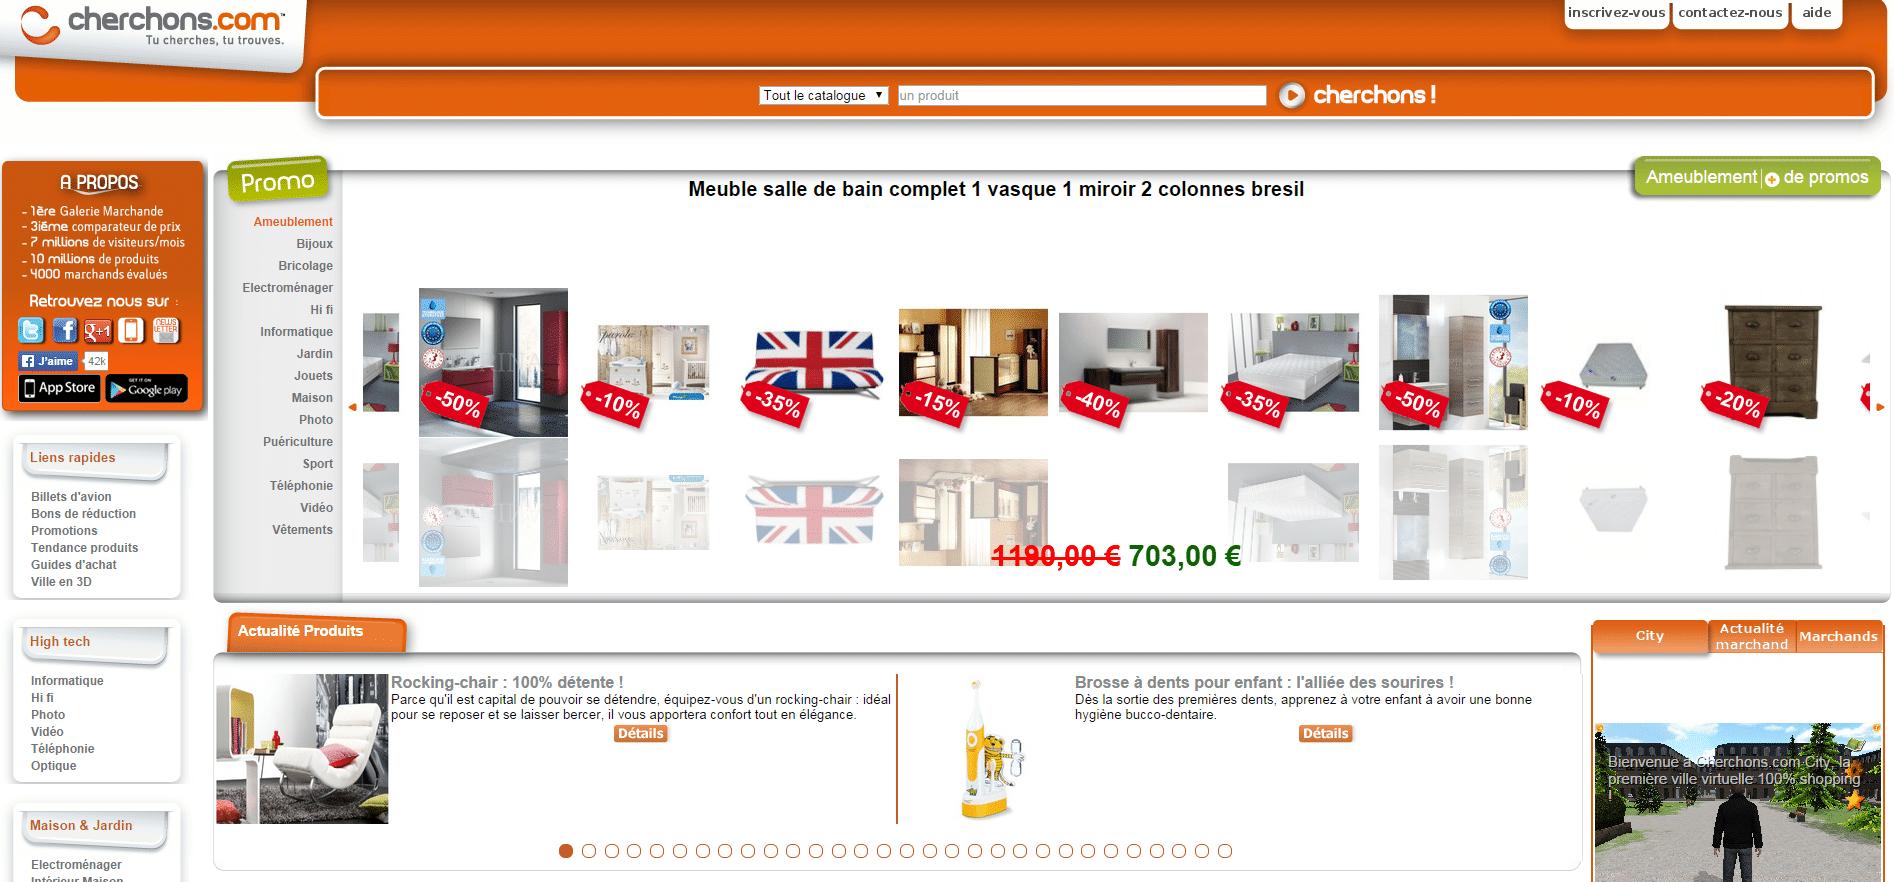 vendre sur cherchons.com